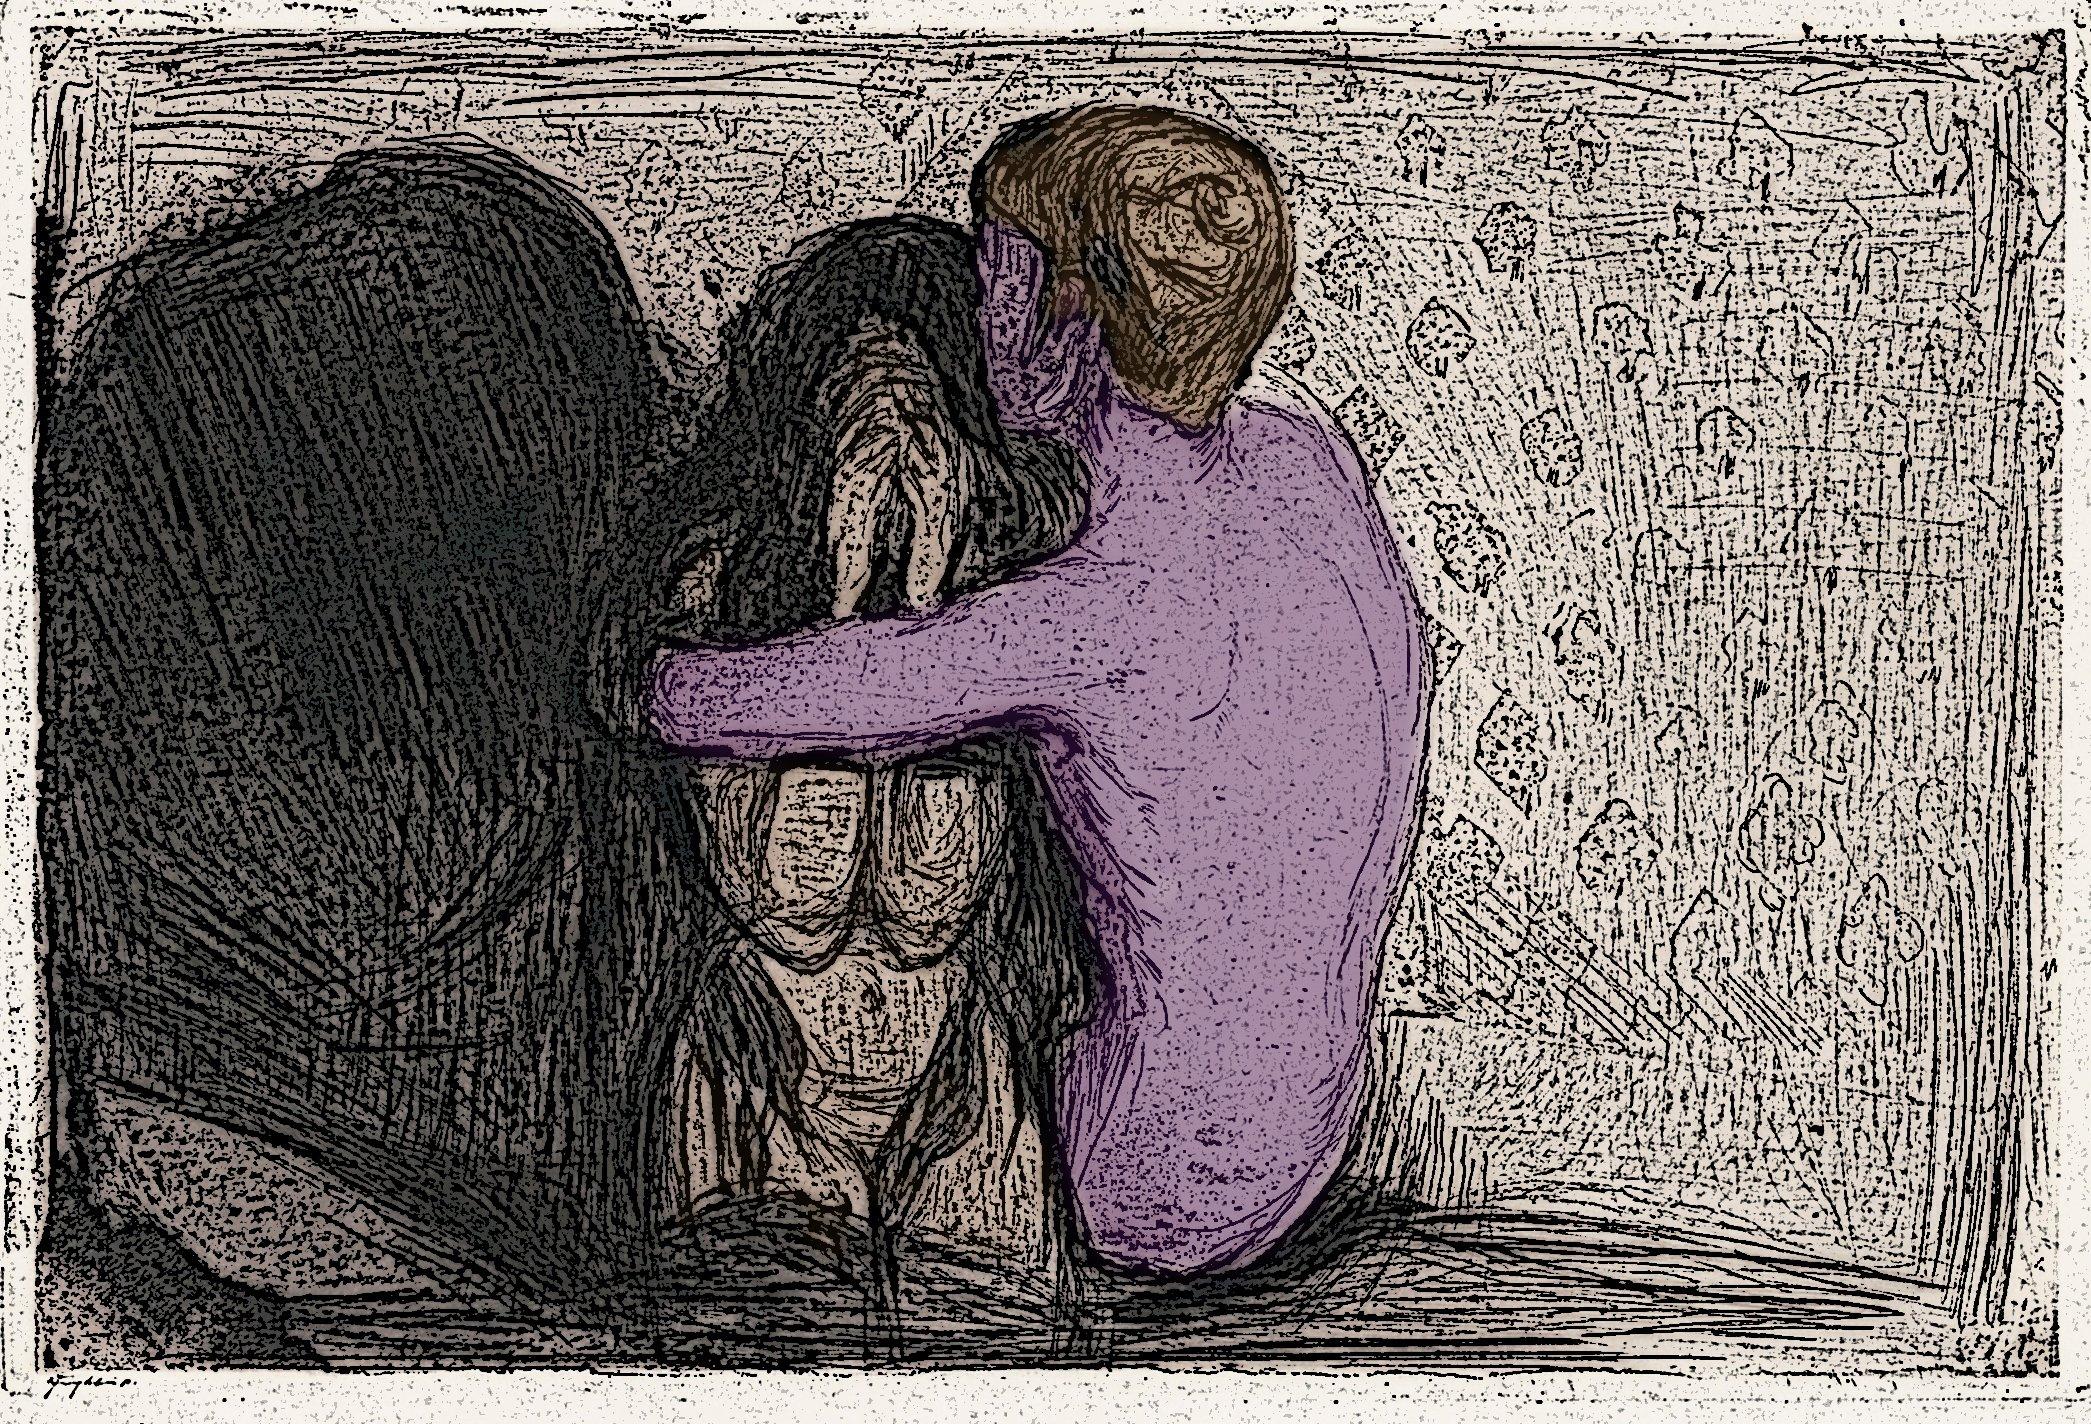 Edvard Munch Fine Art Giclée Print